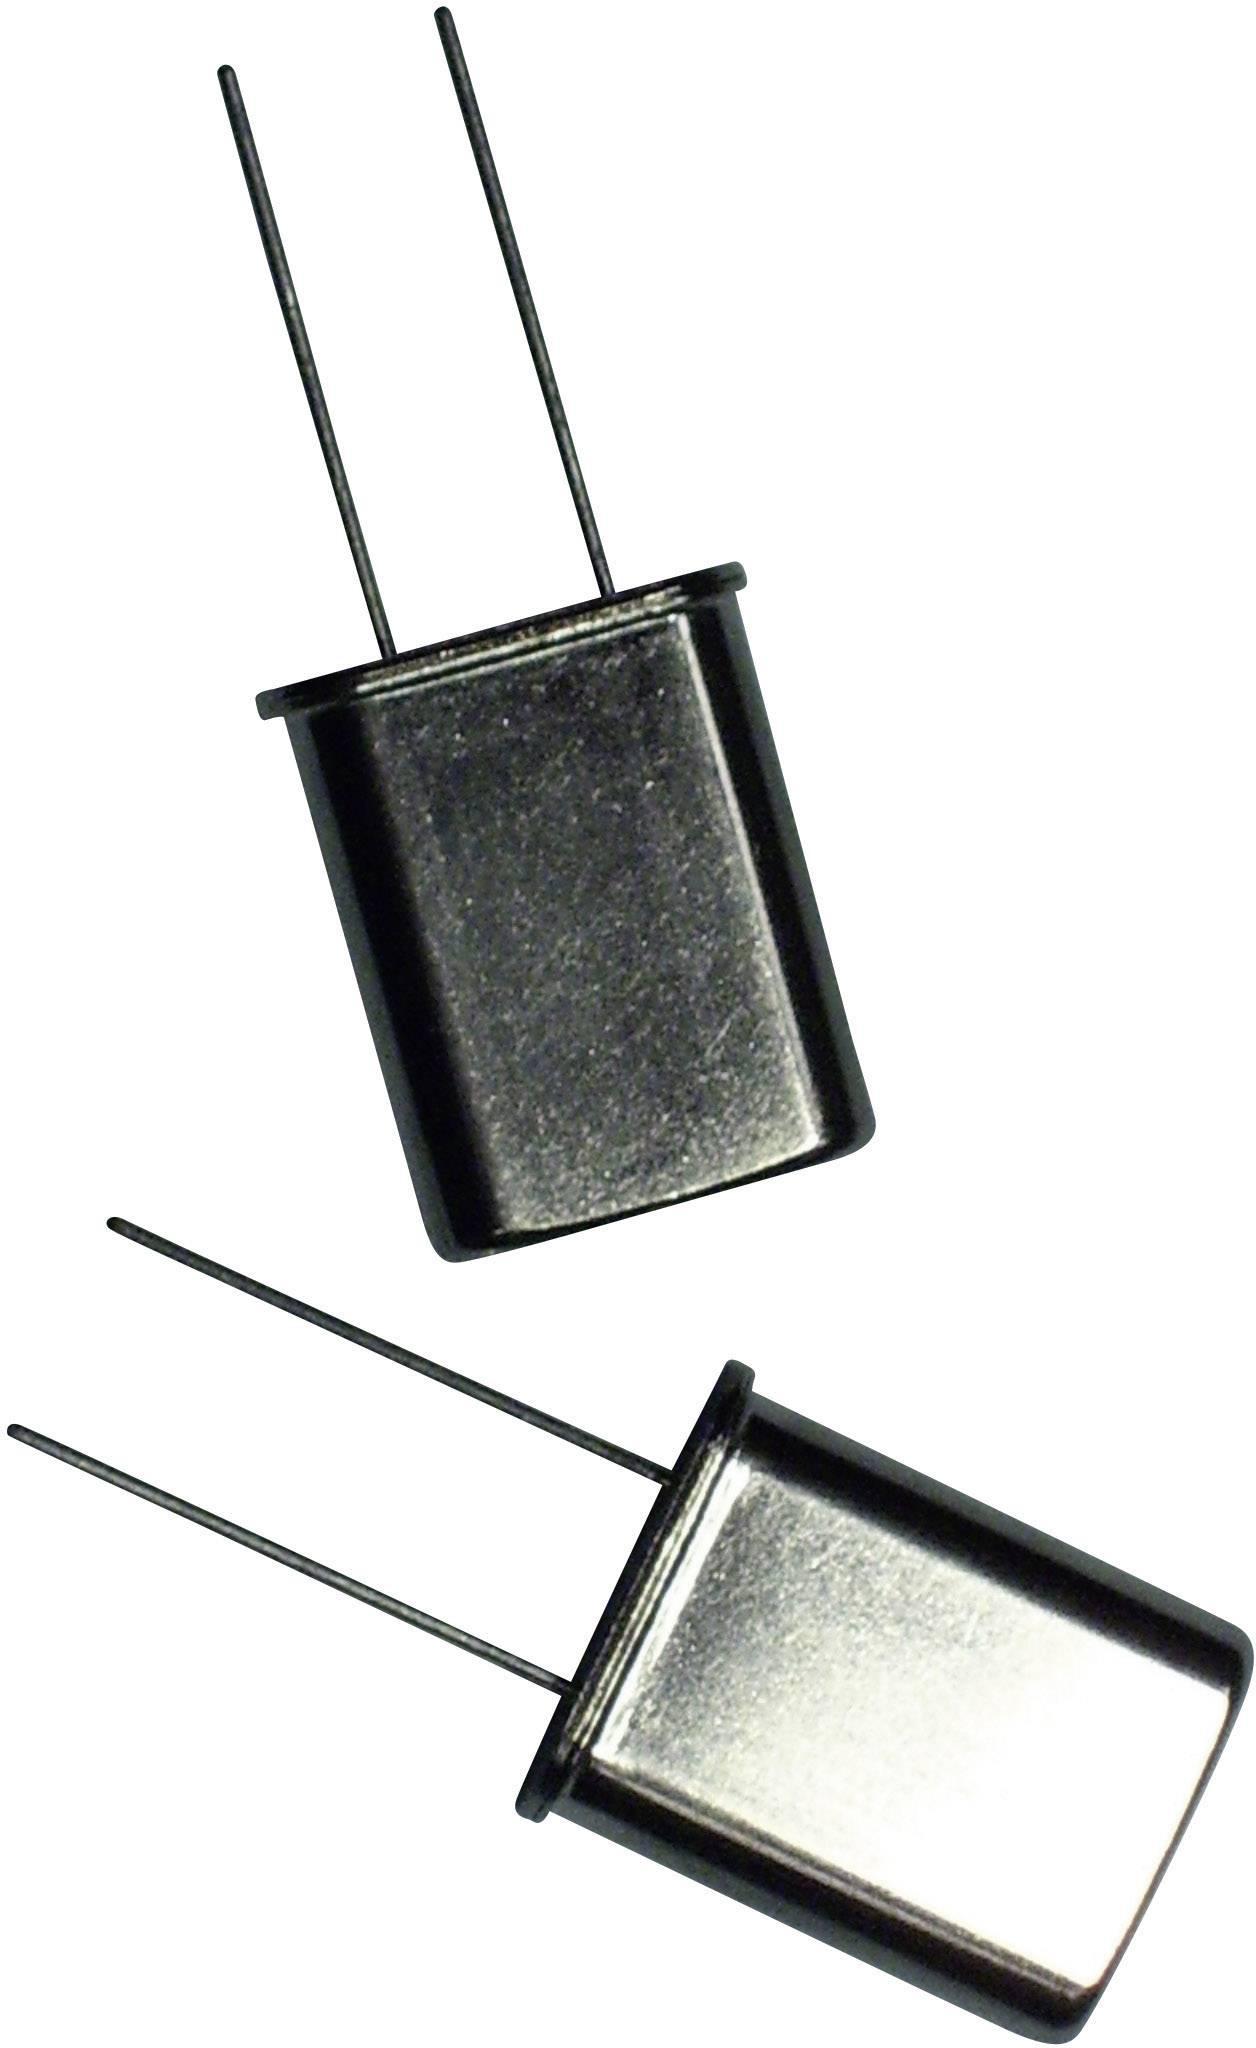 Krystal EuroQuartz, 9,8304 MHz, HC49, 30/50/40/18PF/ATF